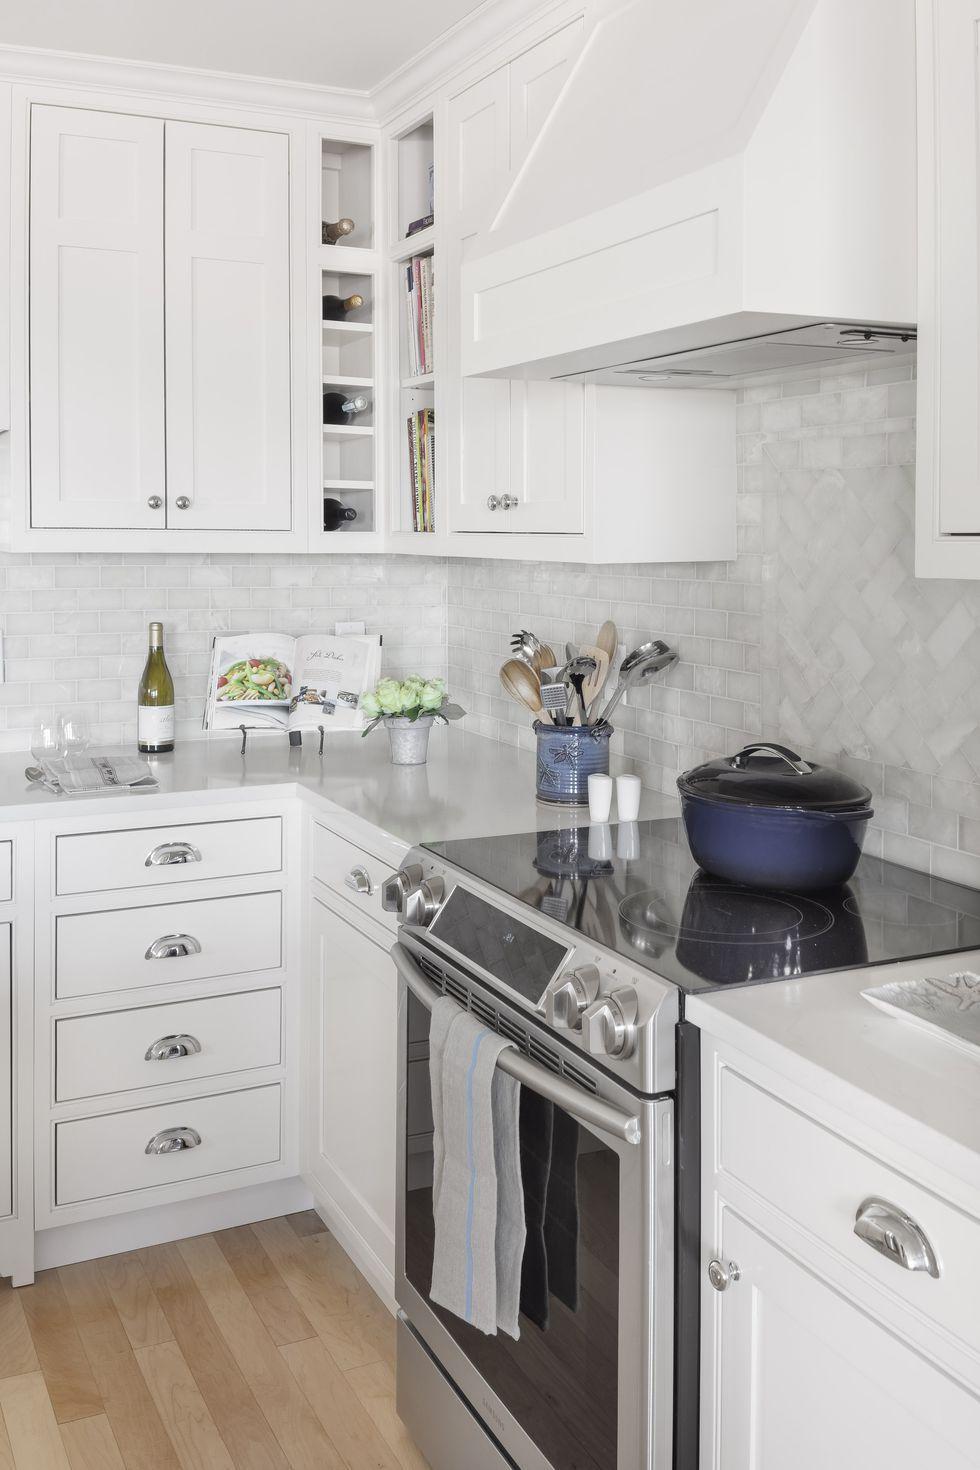 Best Kitchen Backsplash Ideas Savillefurniture